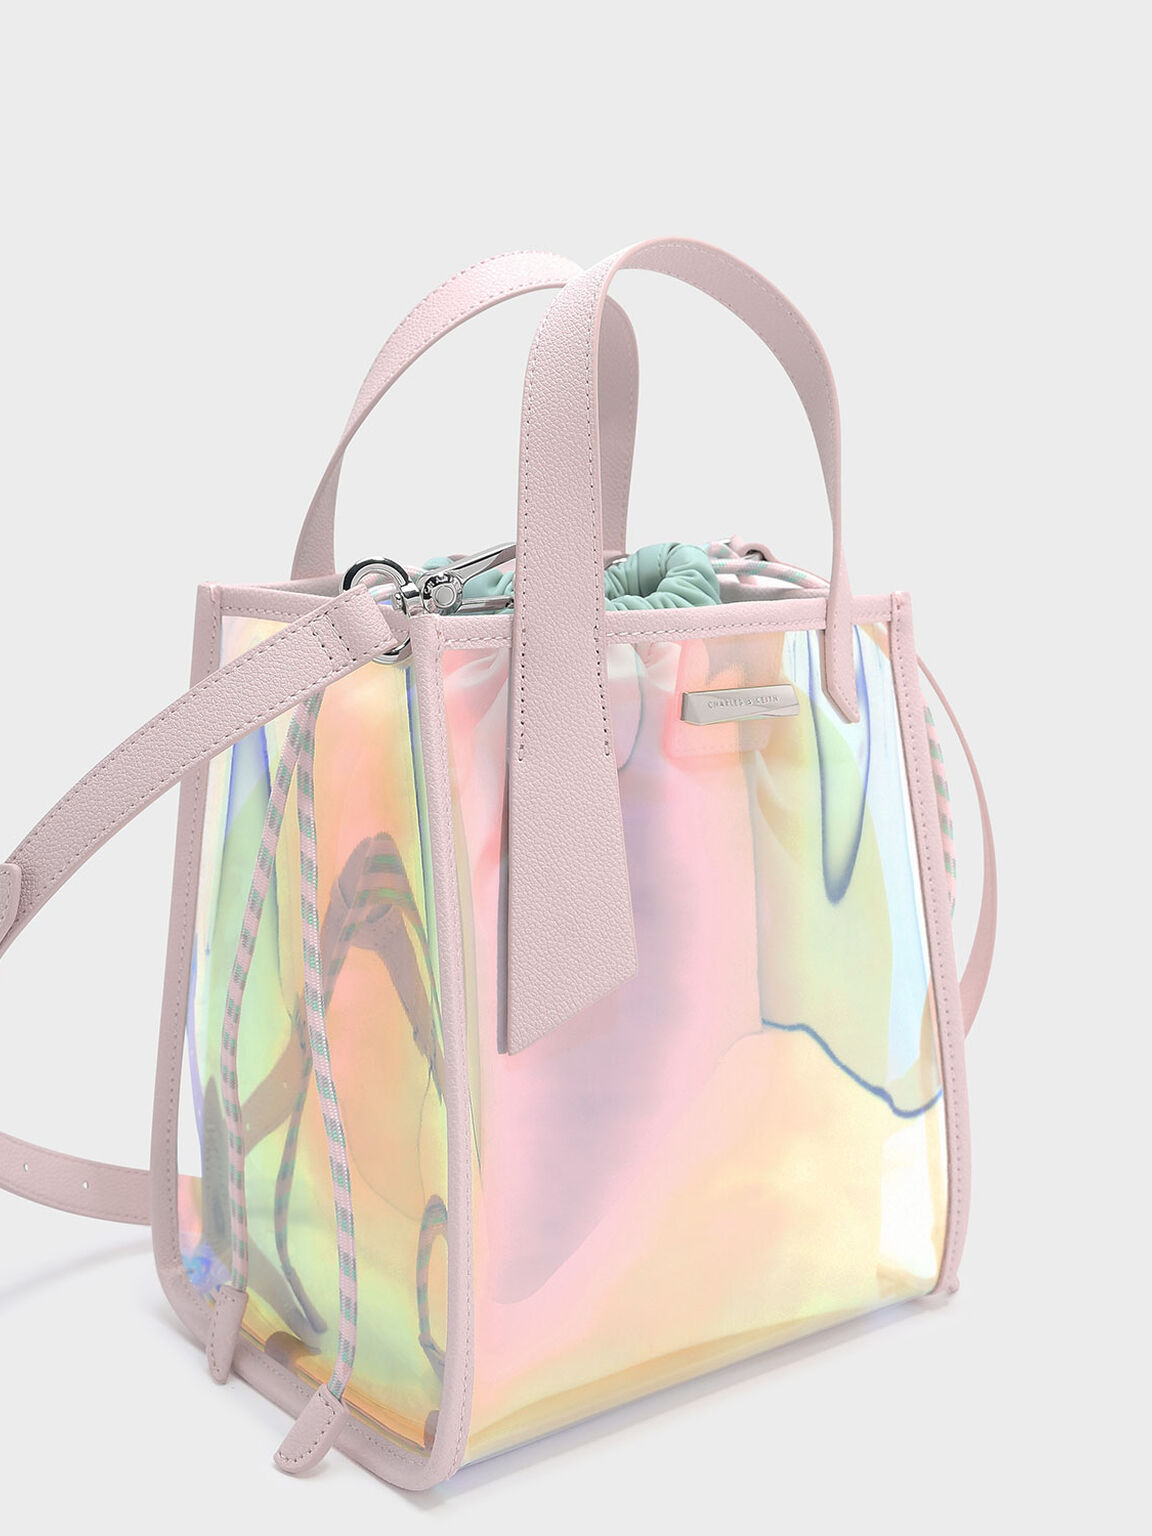 Top Handle Shoulder Bag, Pink, hi-res